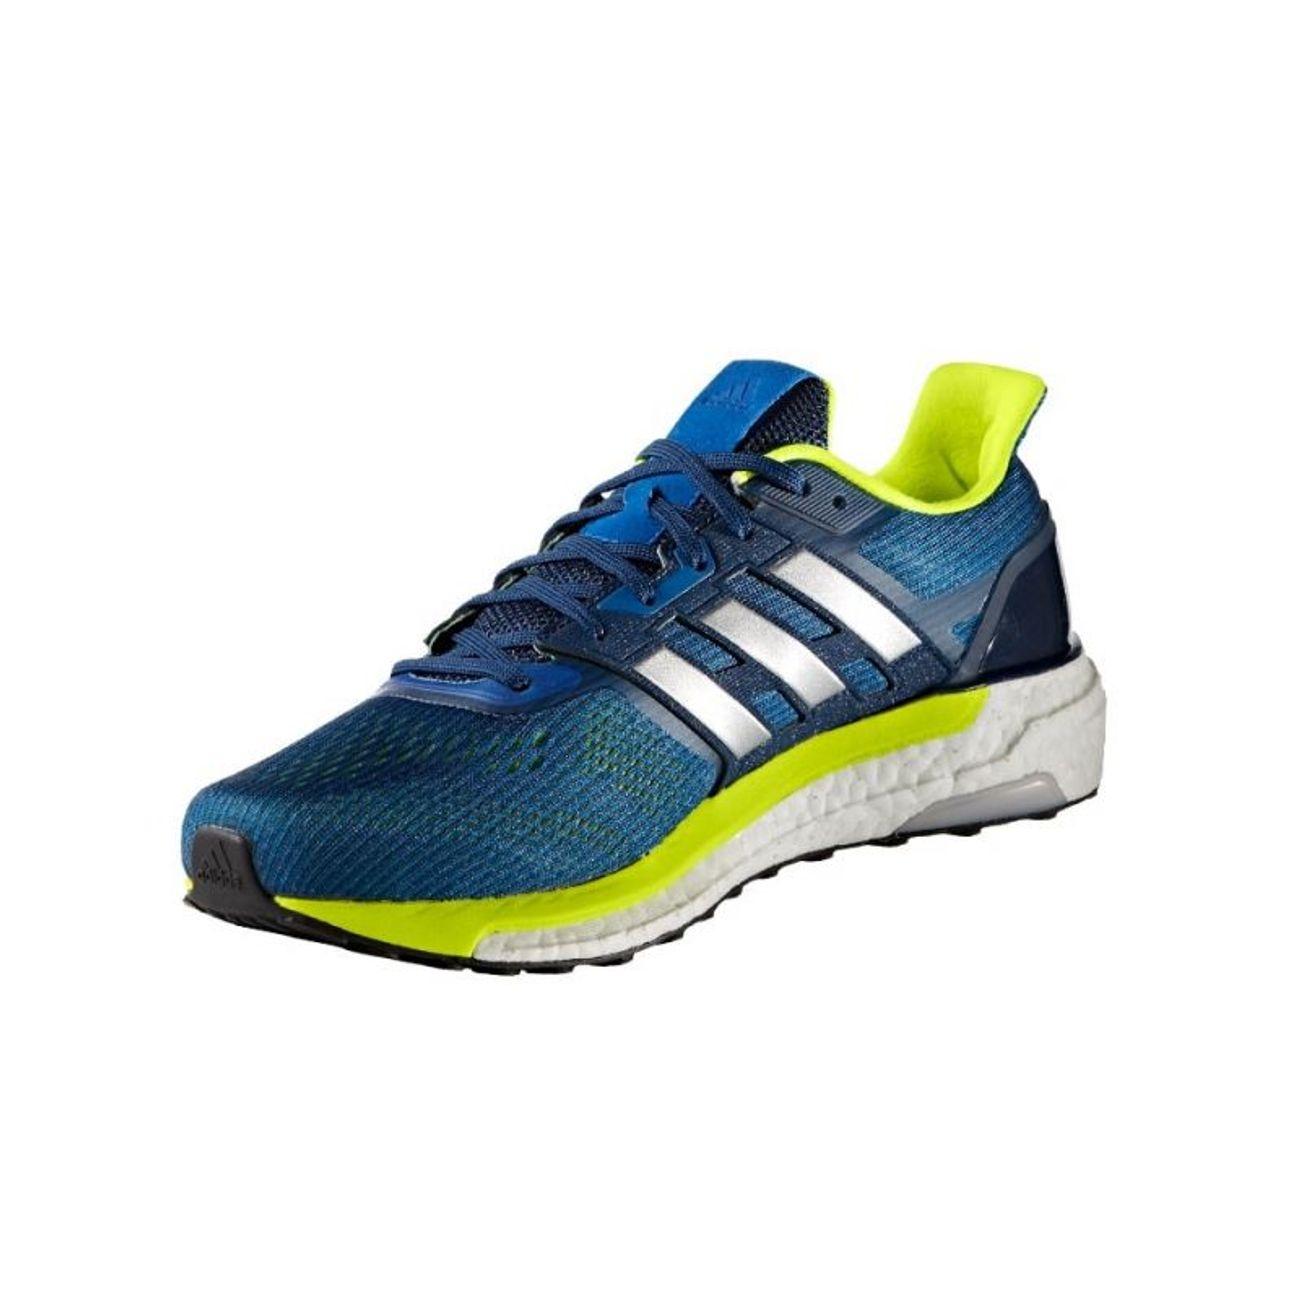 the latest 7f68e 67775 ... running homme ADIDAS Adidas - Supernova chaussures de running pour  hommes (bleu jaune) ...